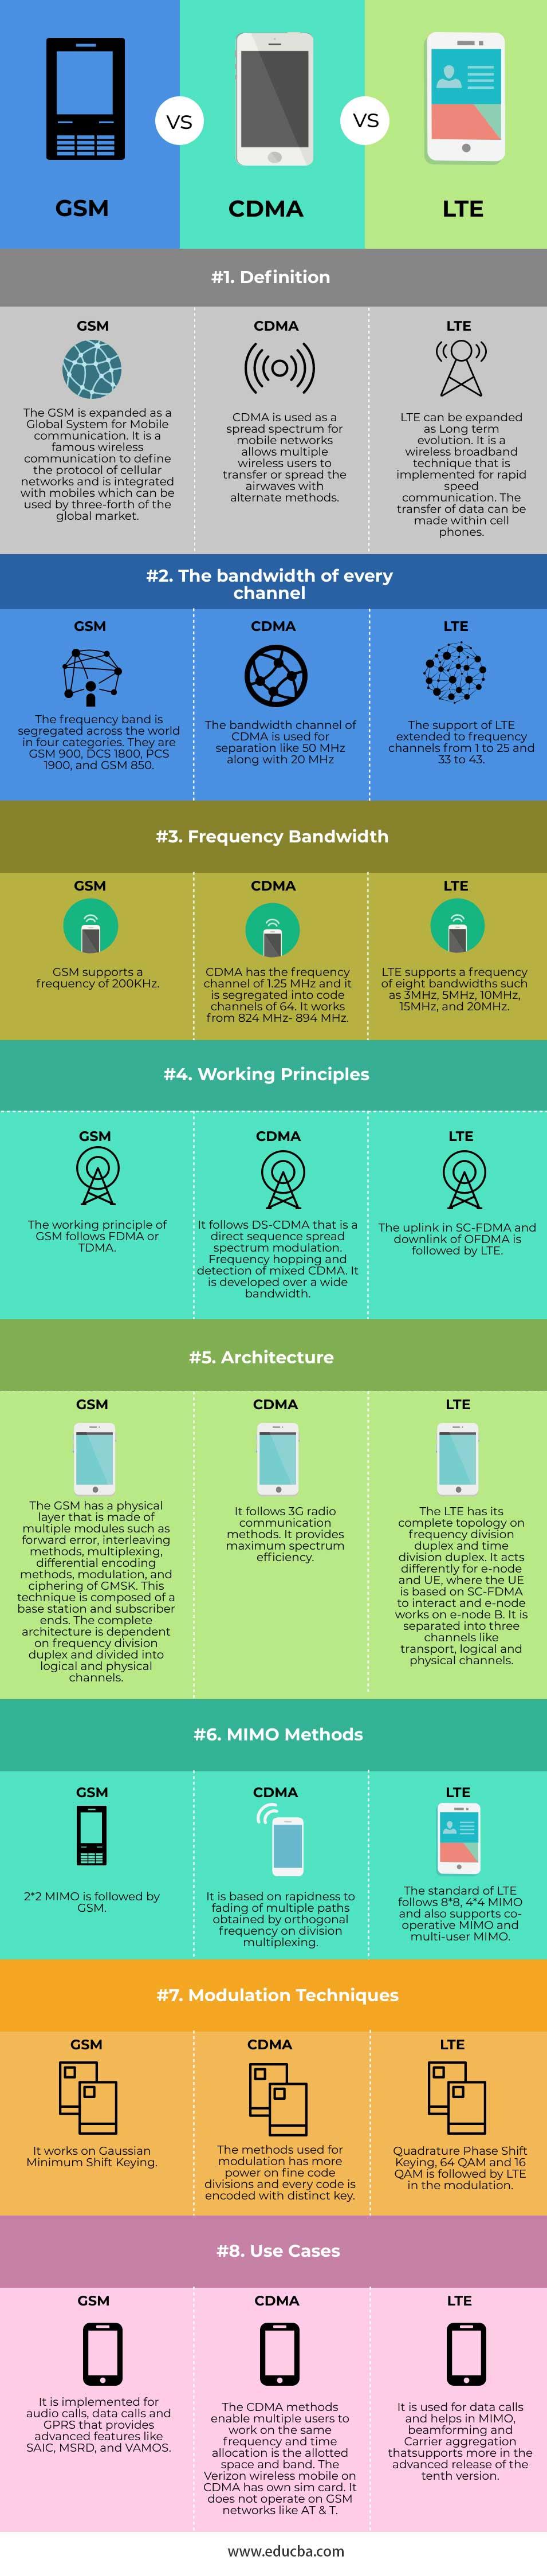 GSM vs CDMA vs LTE-info